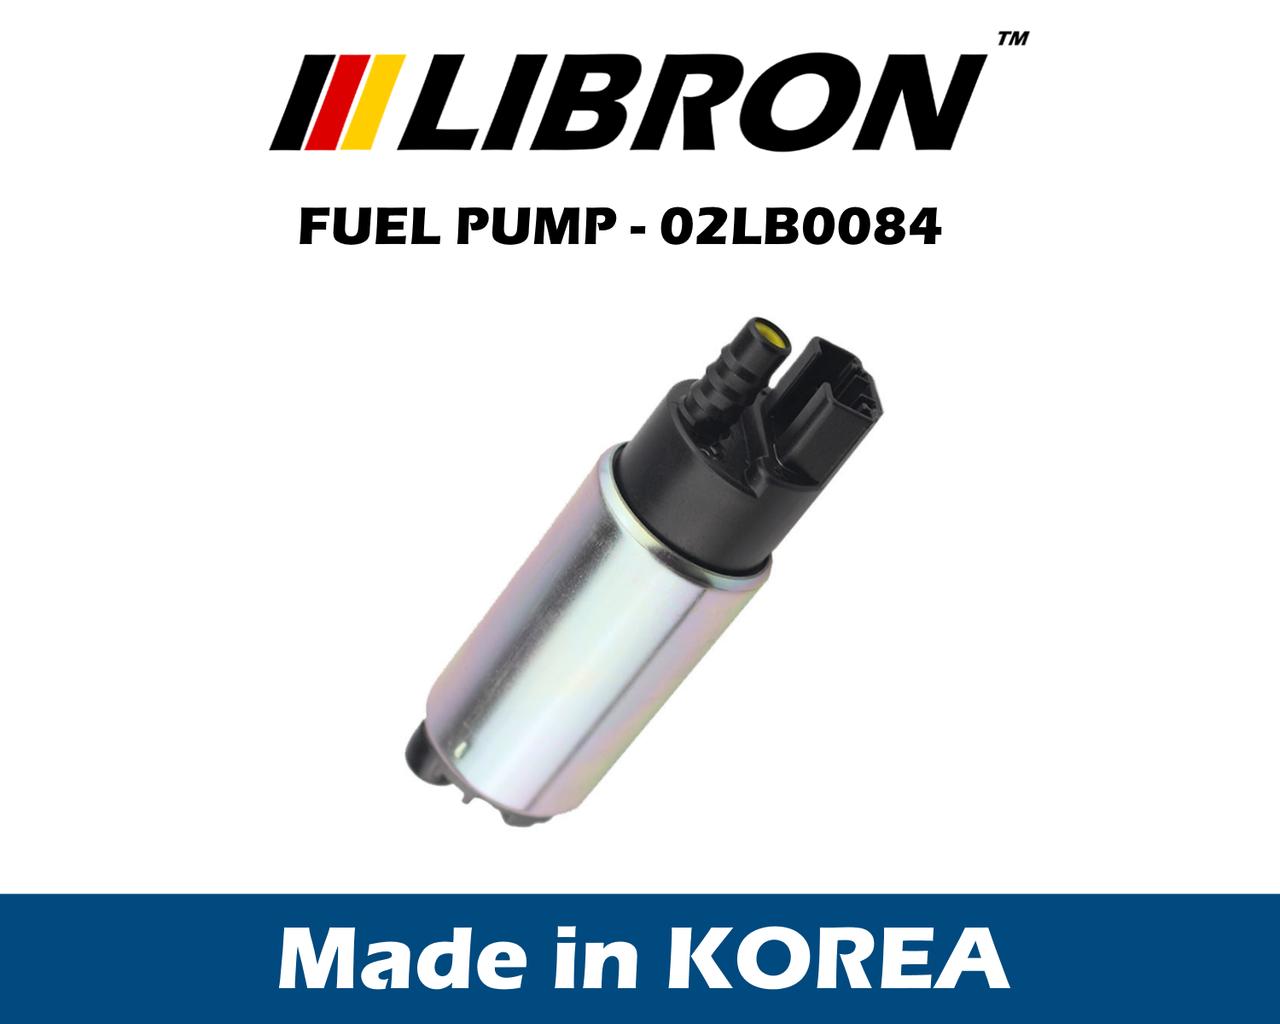 Топливный насос LIBRON 02LB0084 - Мицубиси Ланцес Лансер VI